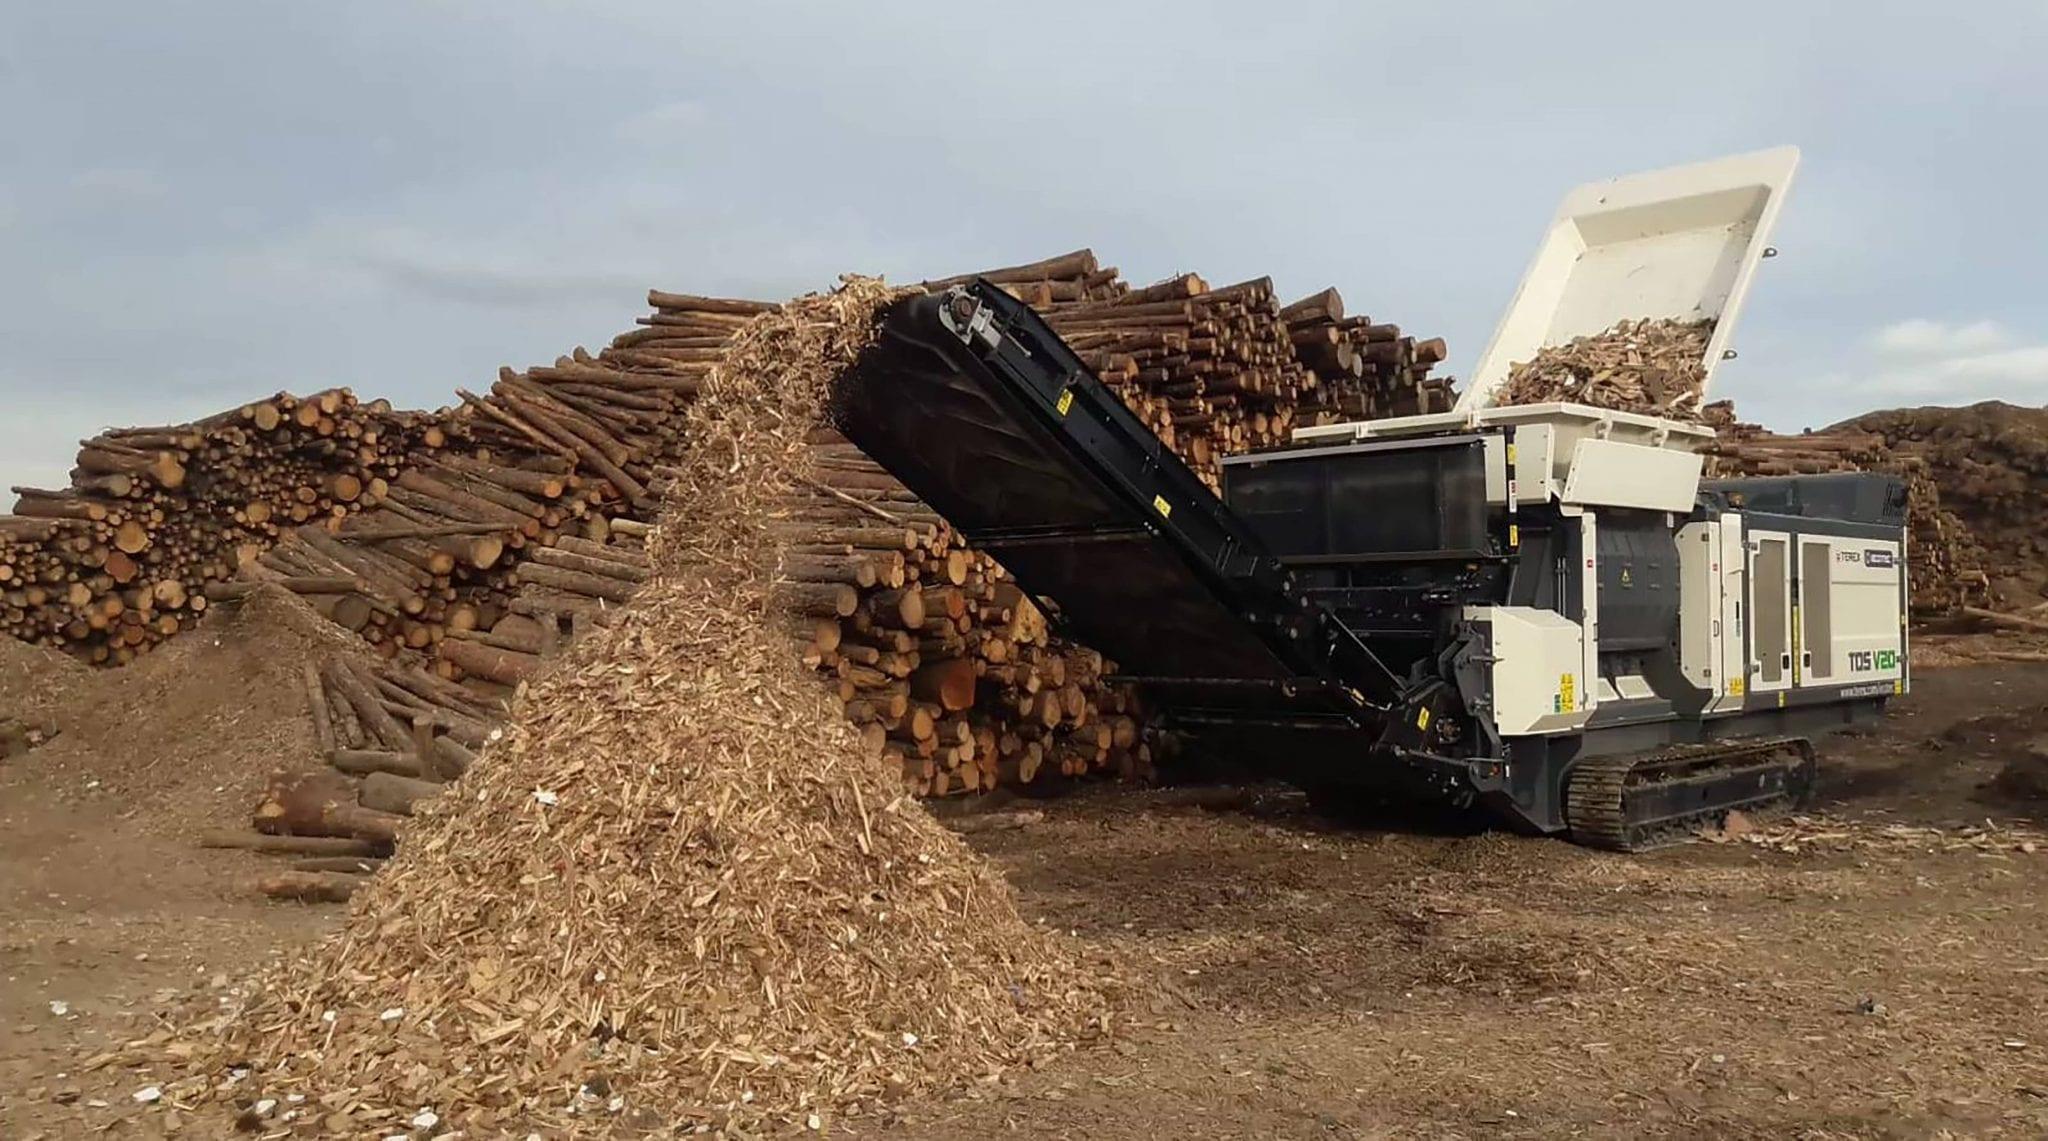 Ecotec TDS V20 Medium Speed Shreeder shredding wood waste